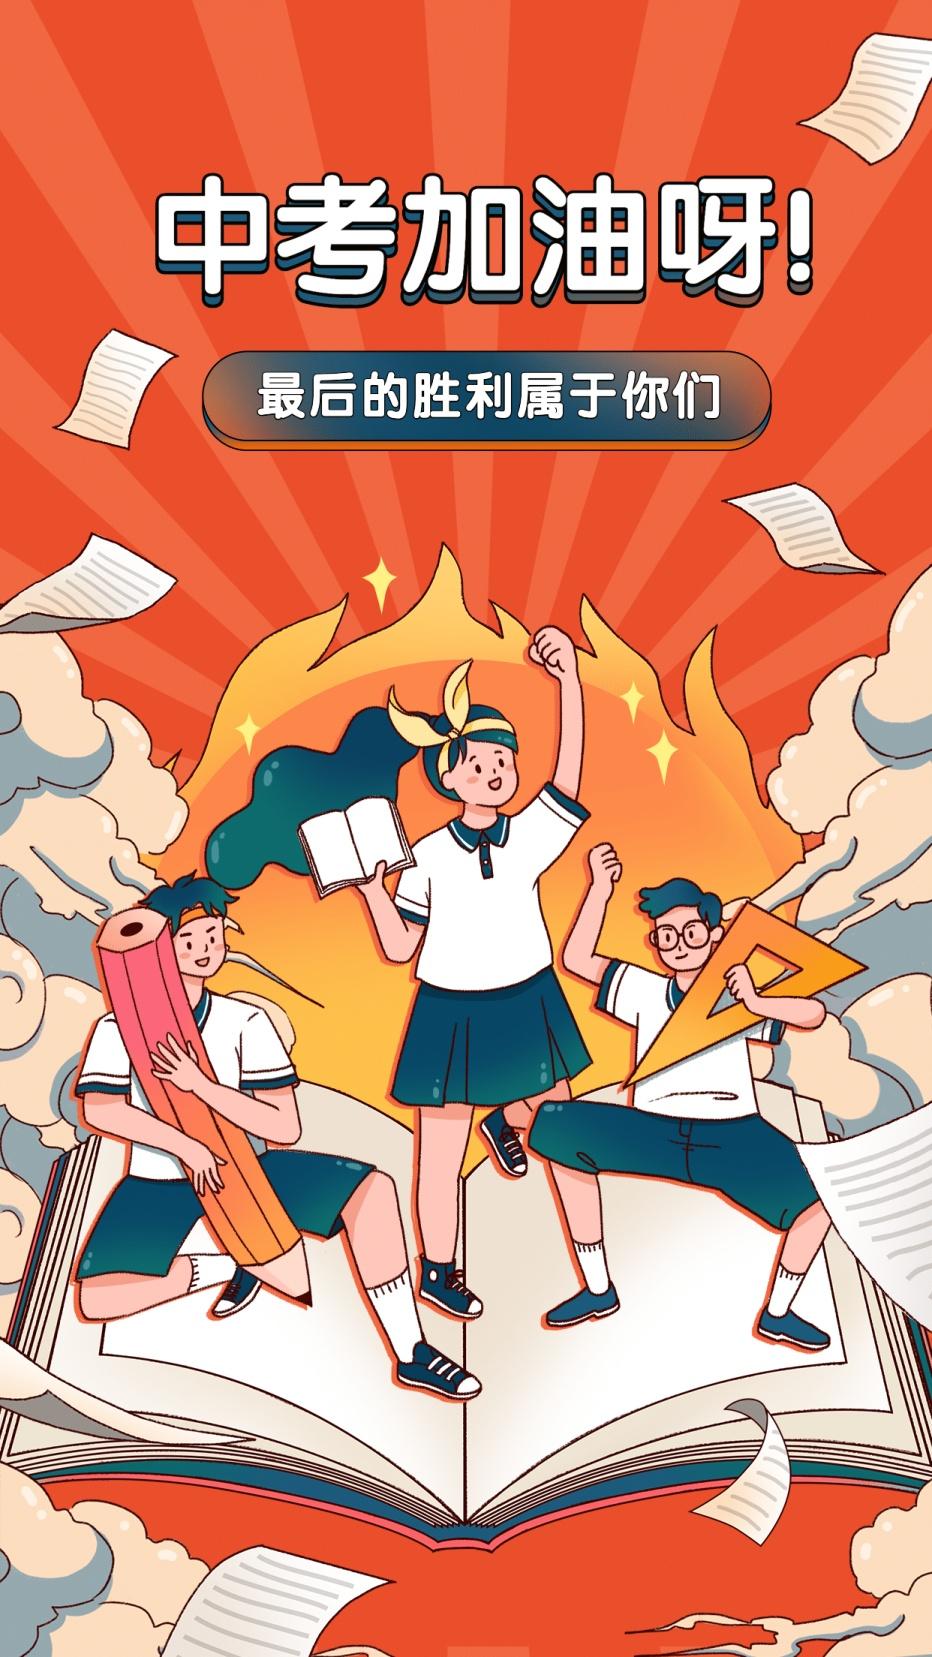 中考高考加油冲刺手绘手机海报